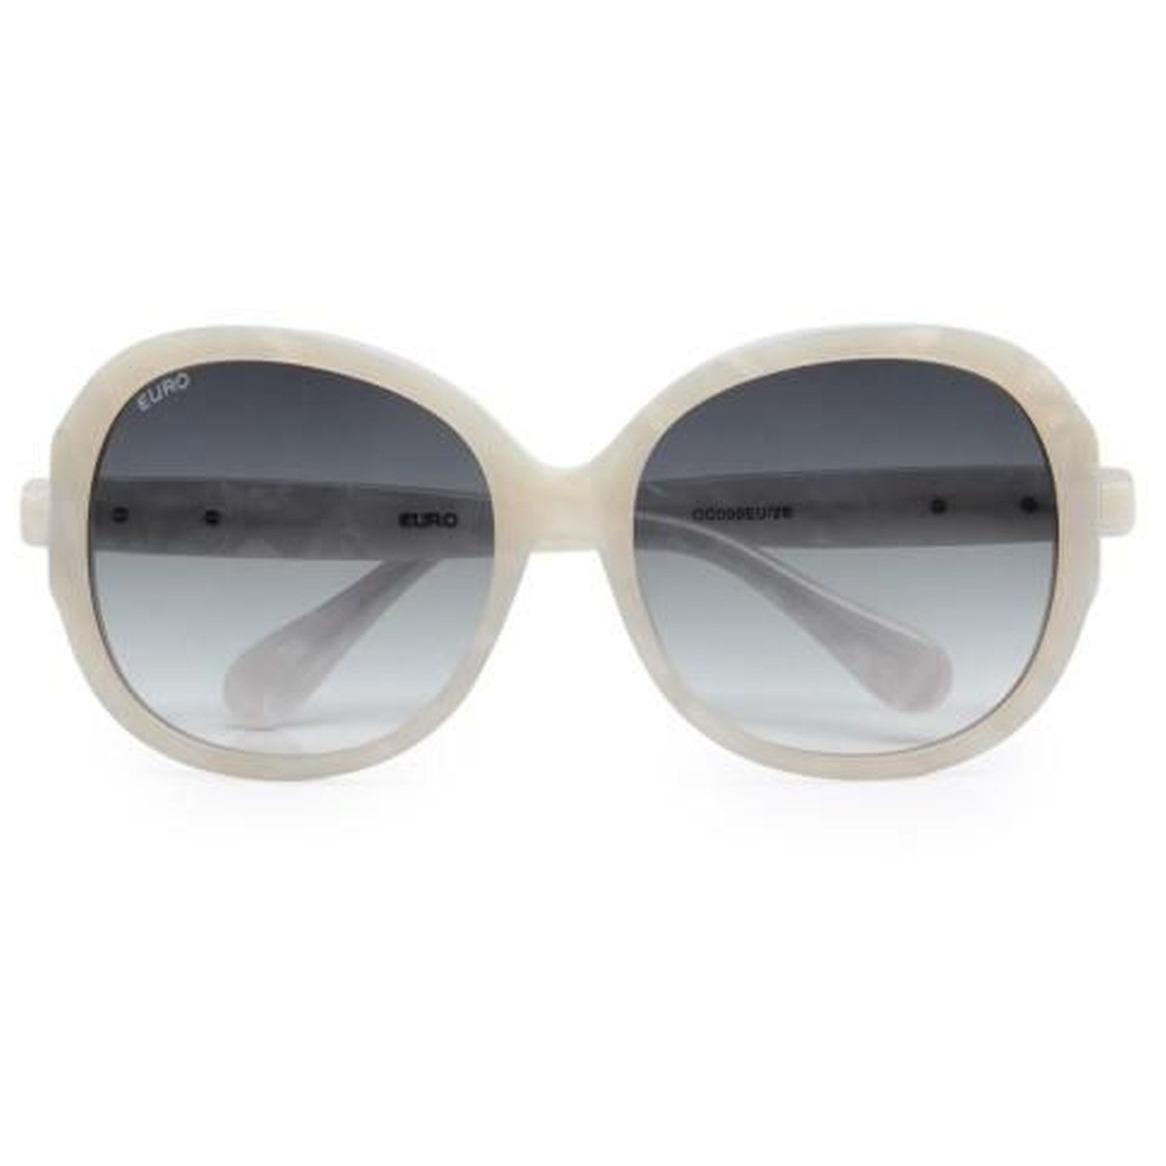 Oculos Sol Euro Lisboa Preto - Oc009eu 2b Feminino - R  162,38 em ... efb08f387e